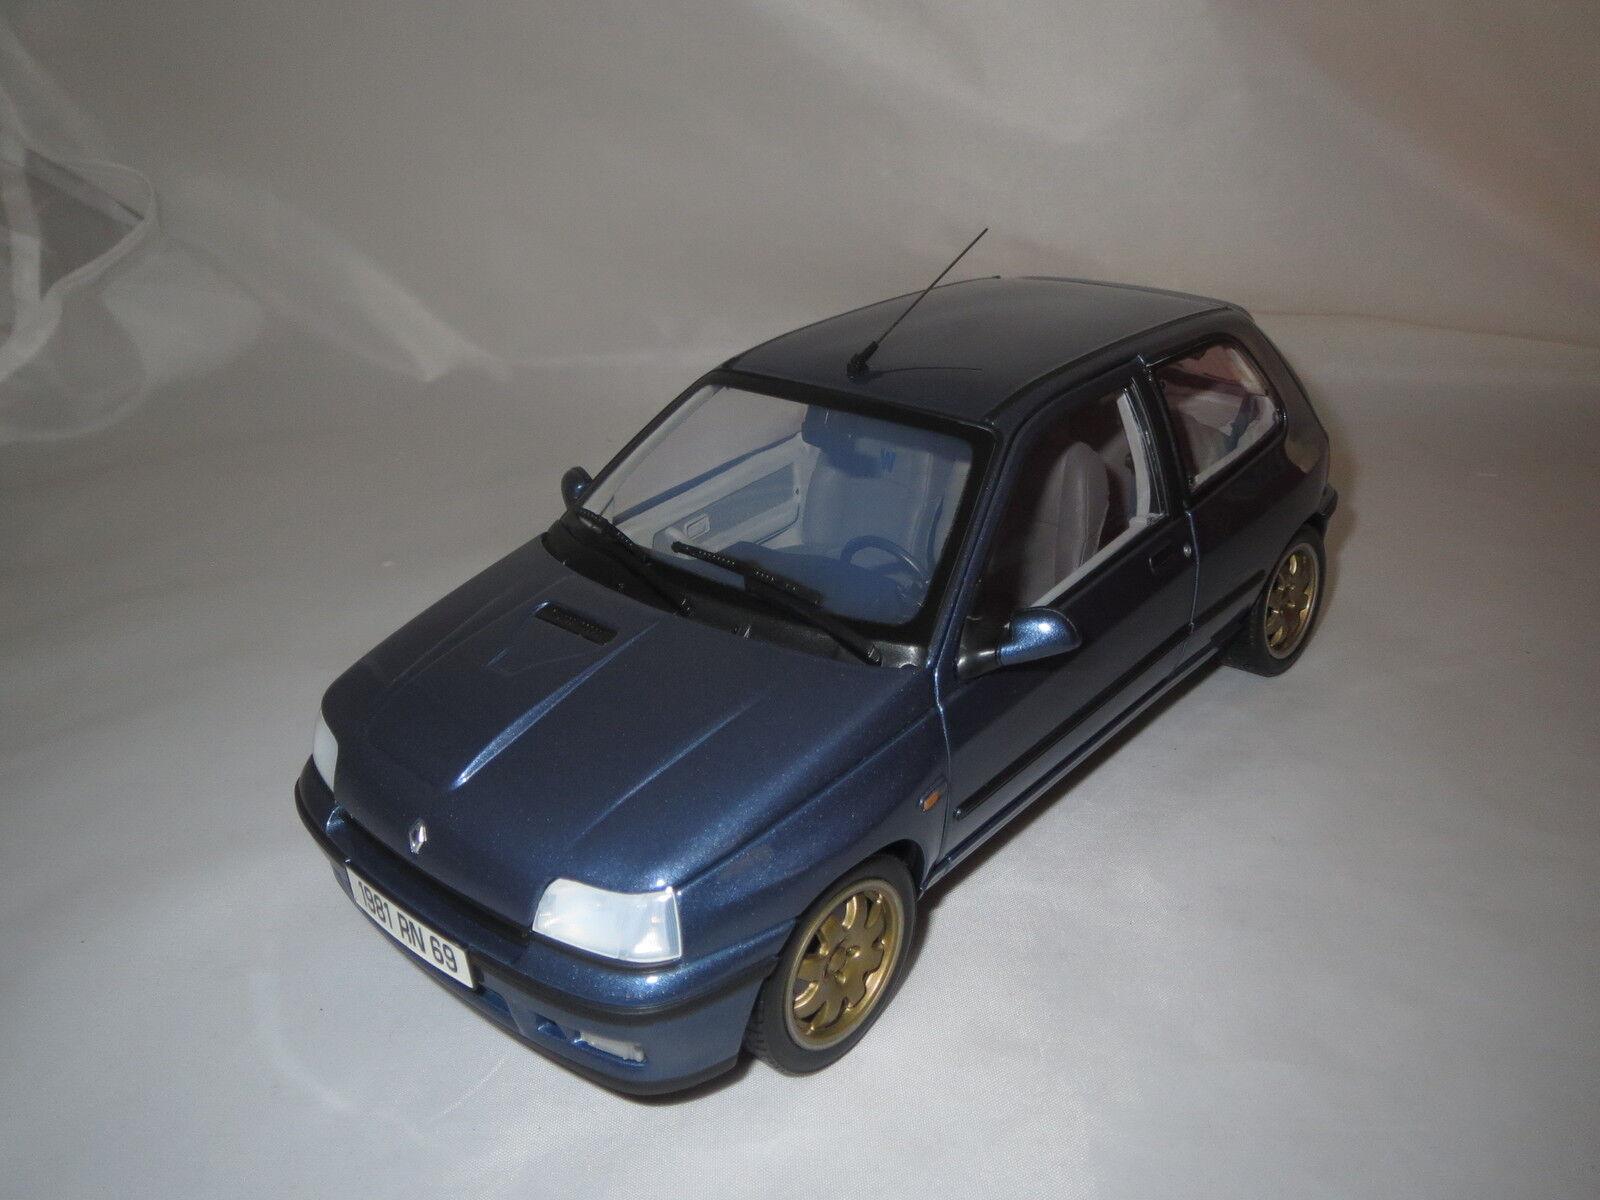 NOREV Renault Clio Williams